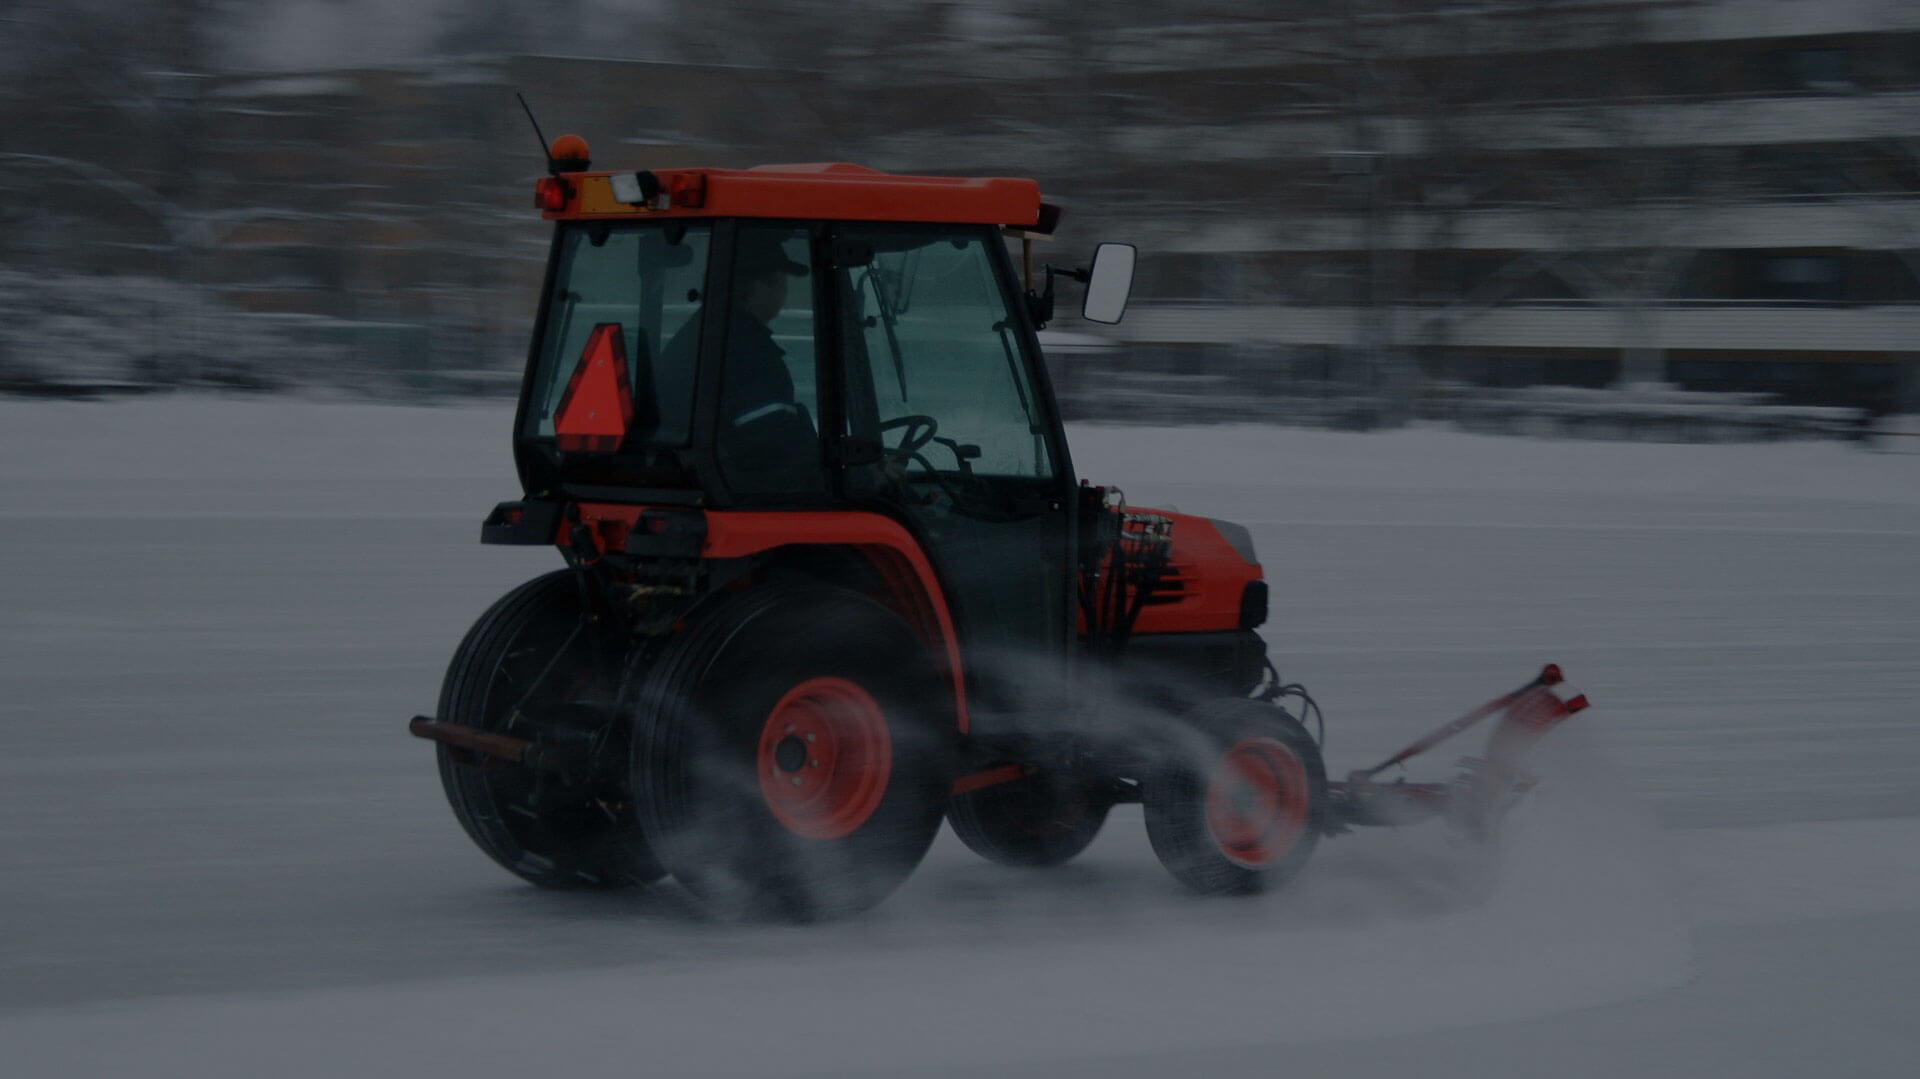 Für den Winterdienst ist vor allem das Schneeräumen wichtig